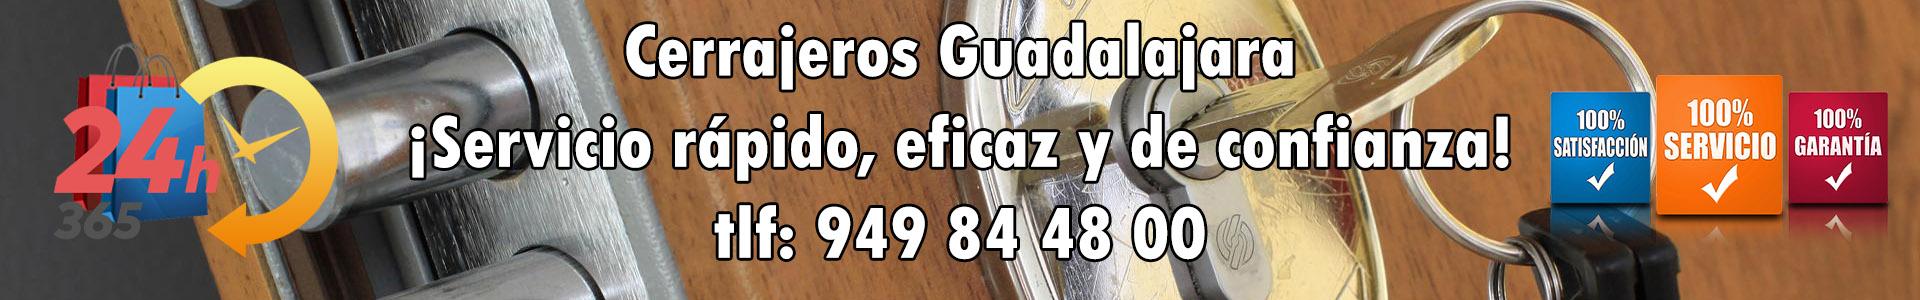 tus cerrajeros Guadalajara 24 horas